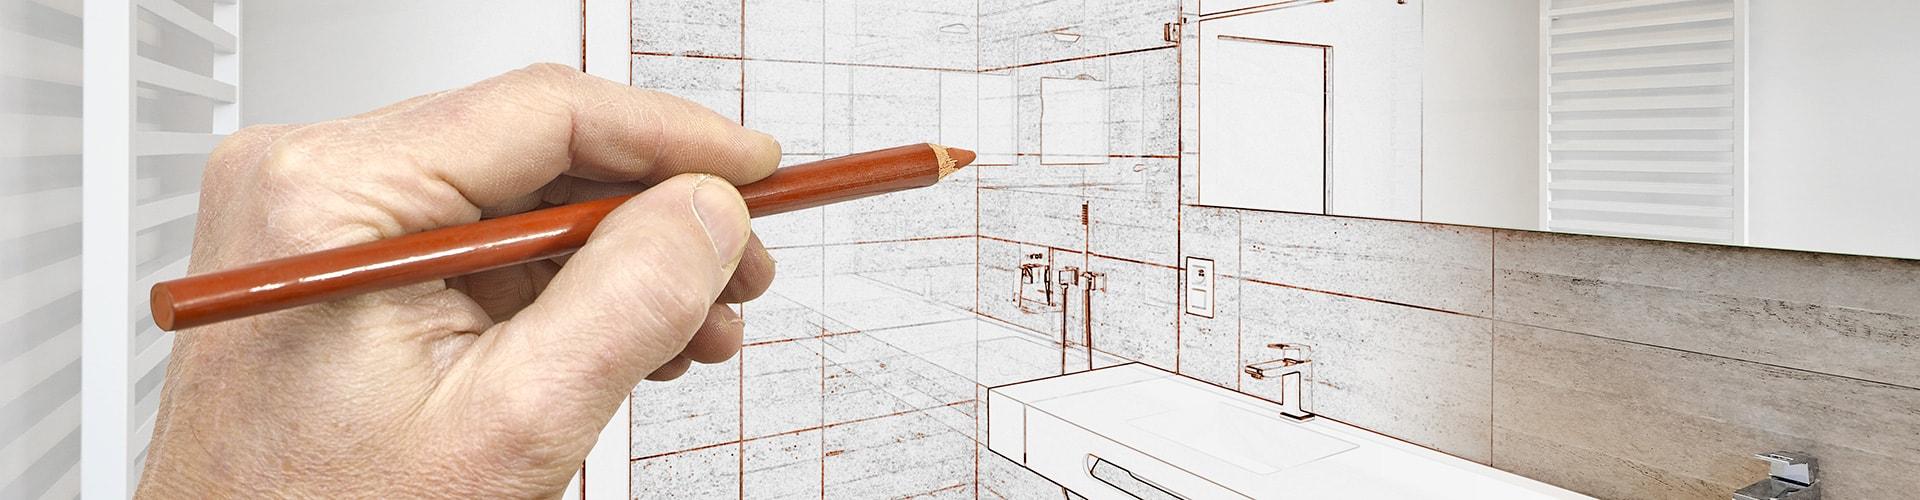 Refaire sa salle de bain : demandez un devis de rénovation  Mesdevis